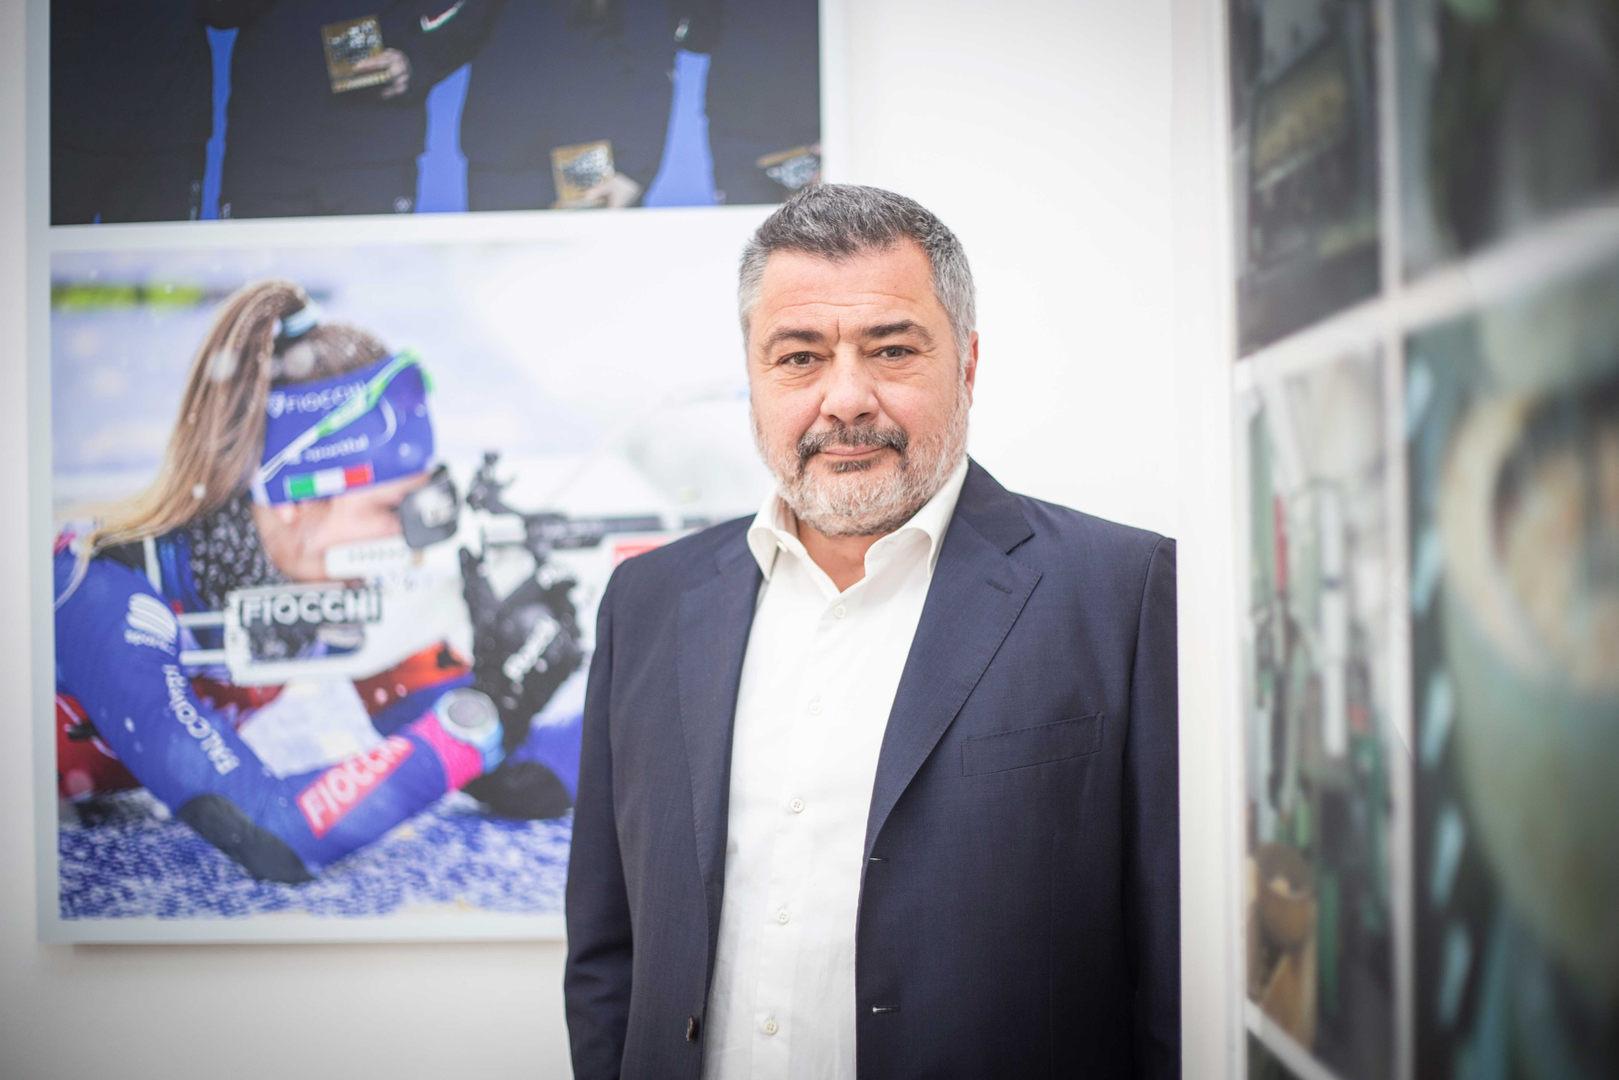 Pietro Fiocchi Europee 2019